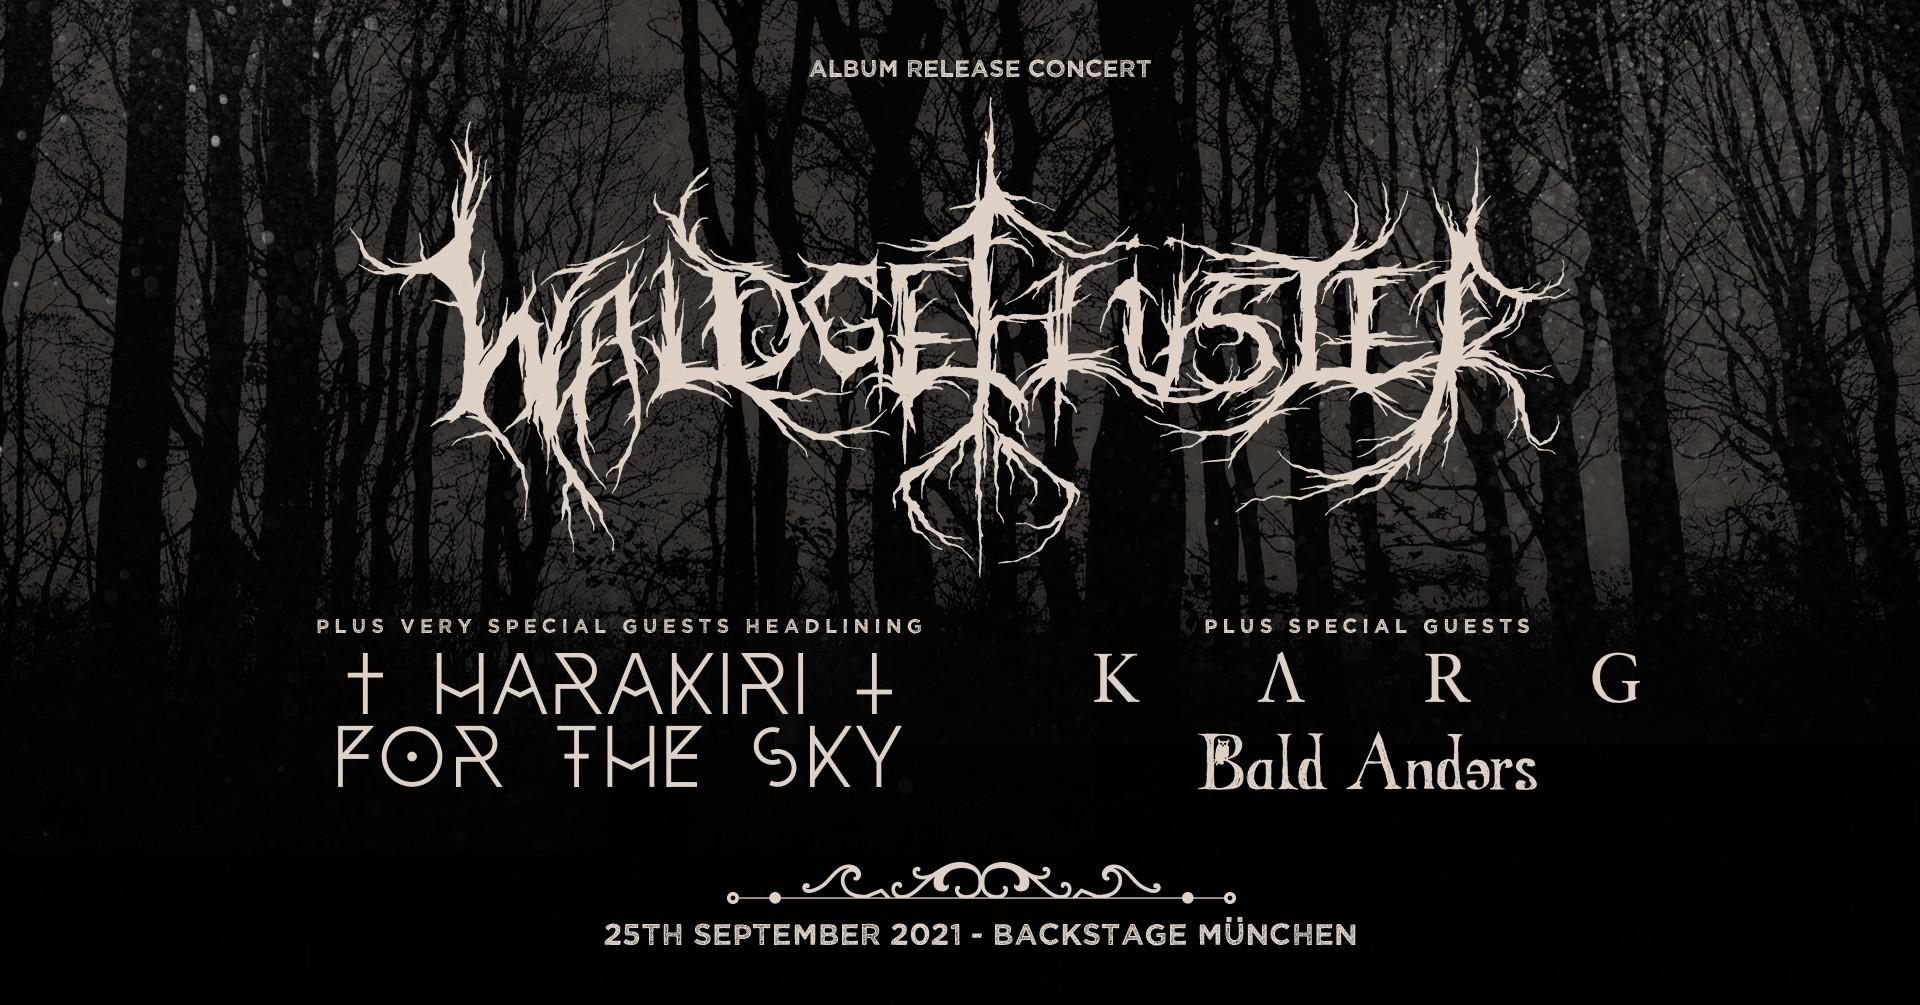 Konzertbericht von Harakiri For The Sky + Waldgeflüster + Karg + Bald Anders || 25.09.2021 || Backstage München